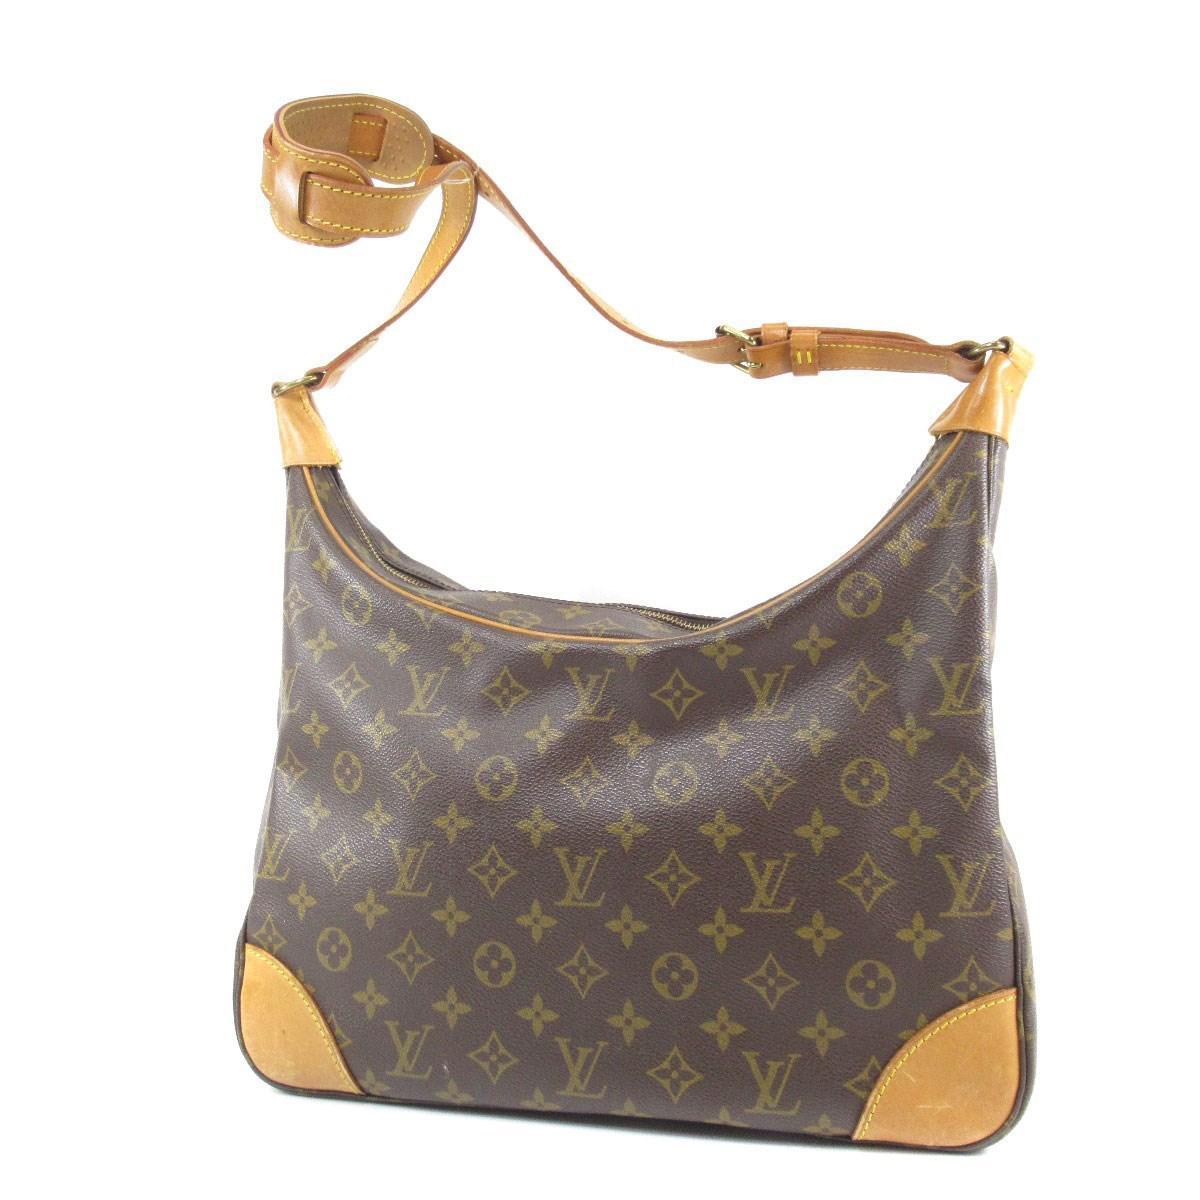 056b1cade2e4 Lyst - Louis Vuitton Monogram Canvas Shoulder Bag M51265 Boulogne 30 ...